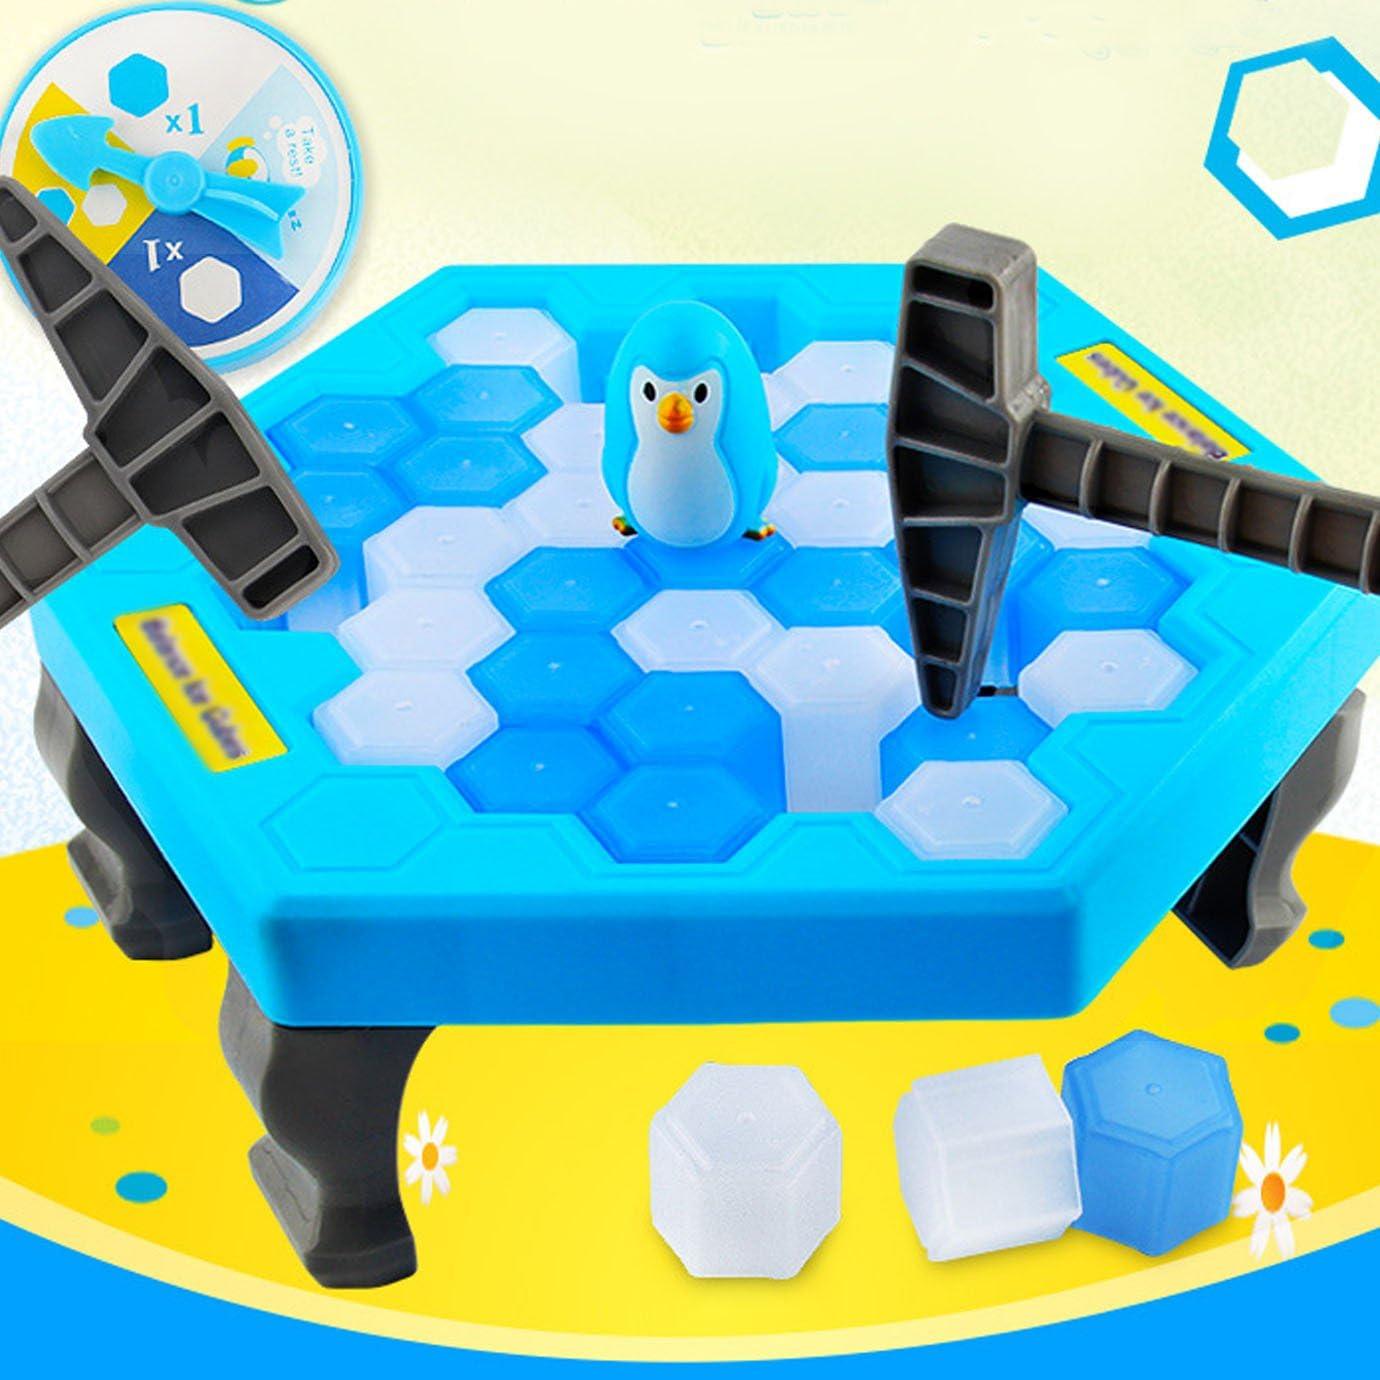 Meliya Balance Cubitos de hielo rescate pingüino rompecabezas mesa juegos interactivos de escritorio juegos de fiesta: Amazon.es: Juguetes y juegos